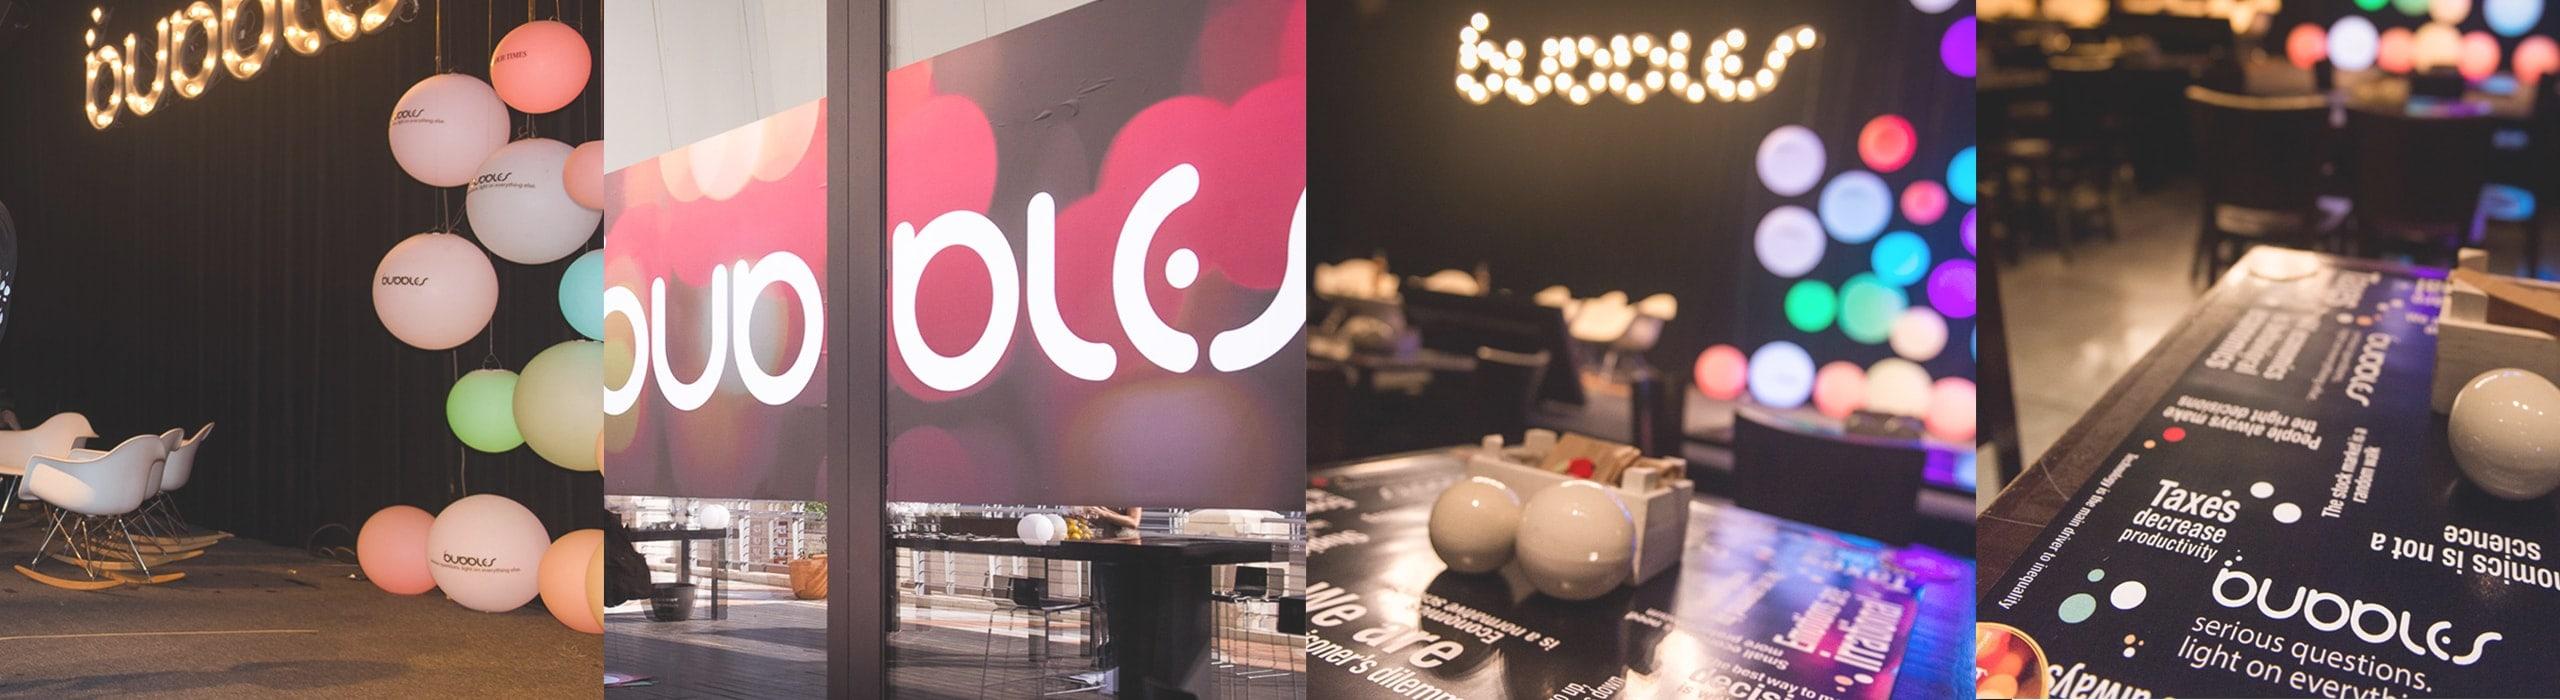 Bubbles - natie-bubbles-conference-photos-02 - Natie Branding Agency